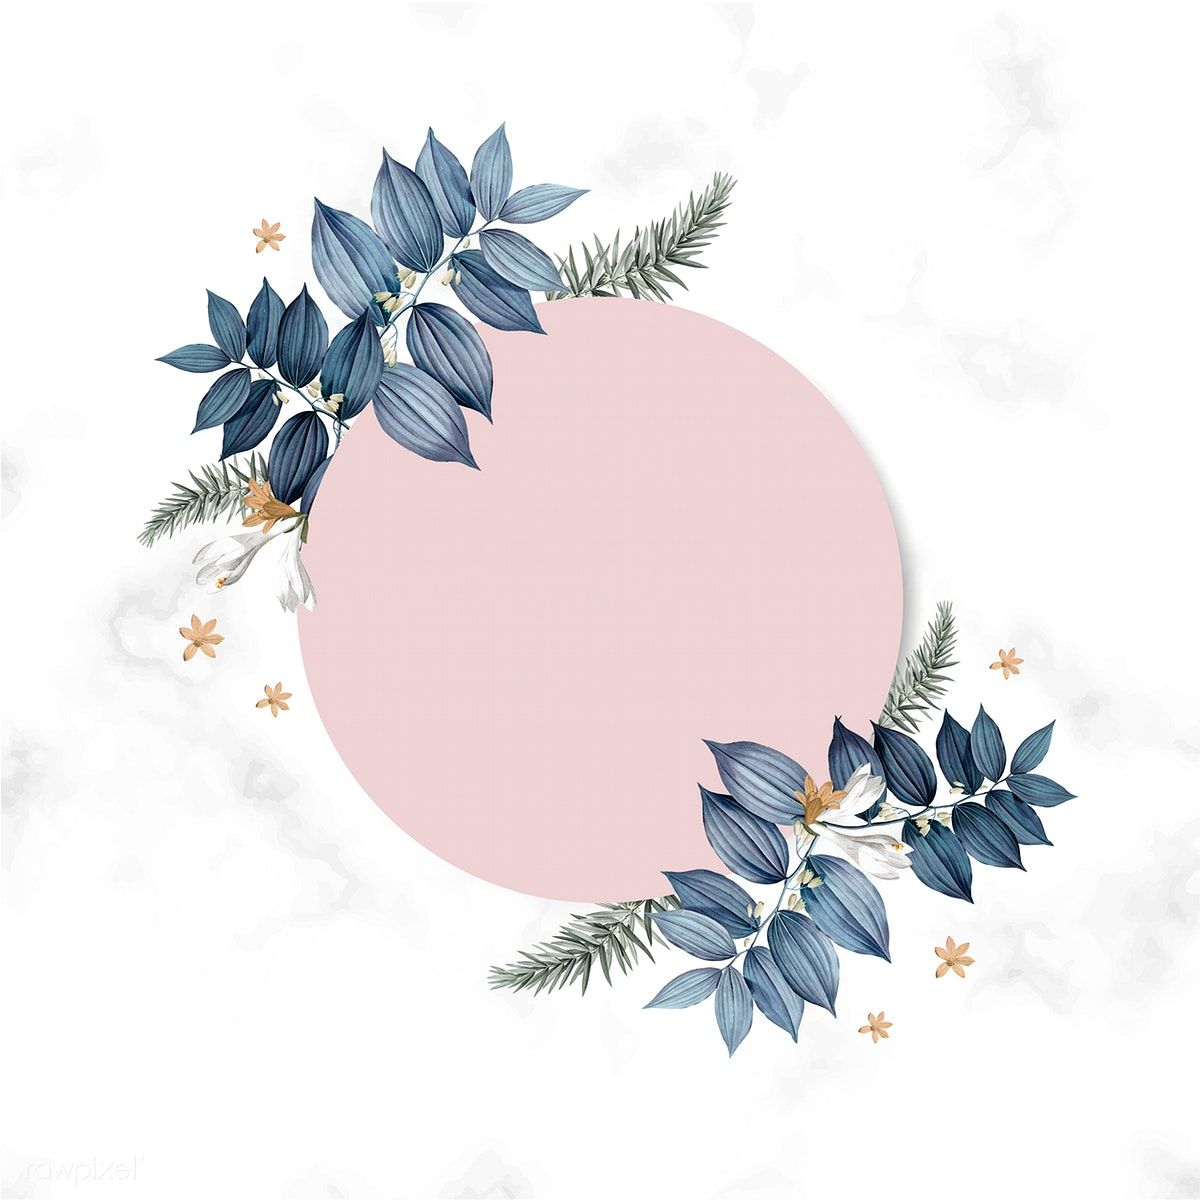 Download premium illustration of Empty floral card frame